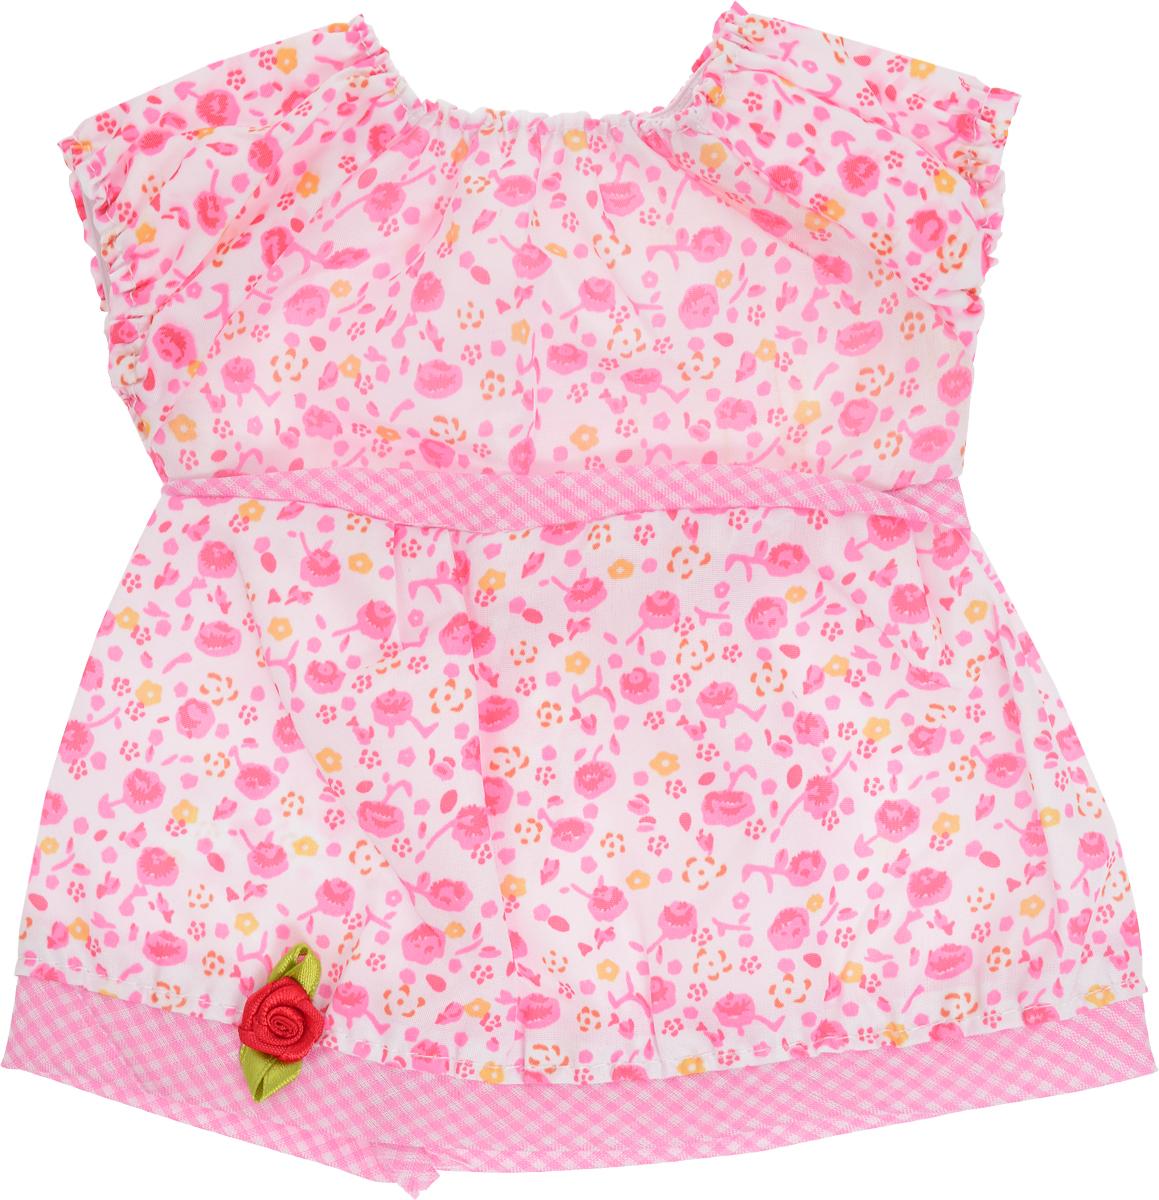 Junfa Toys Одежда для кукол Платье цвет белый розовый куклы и одежда для кукол bayer малышка первый поцелуй 42 см